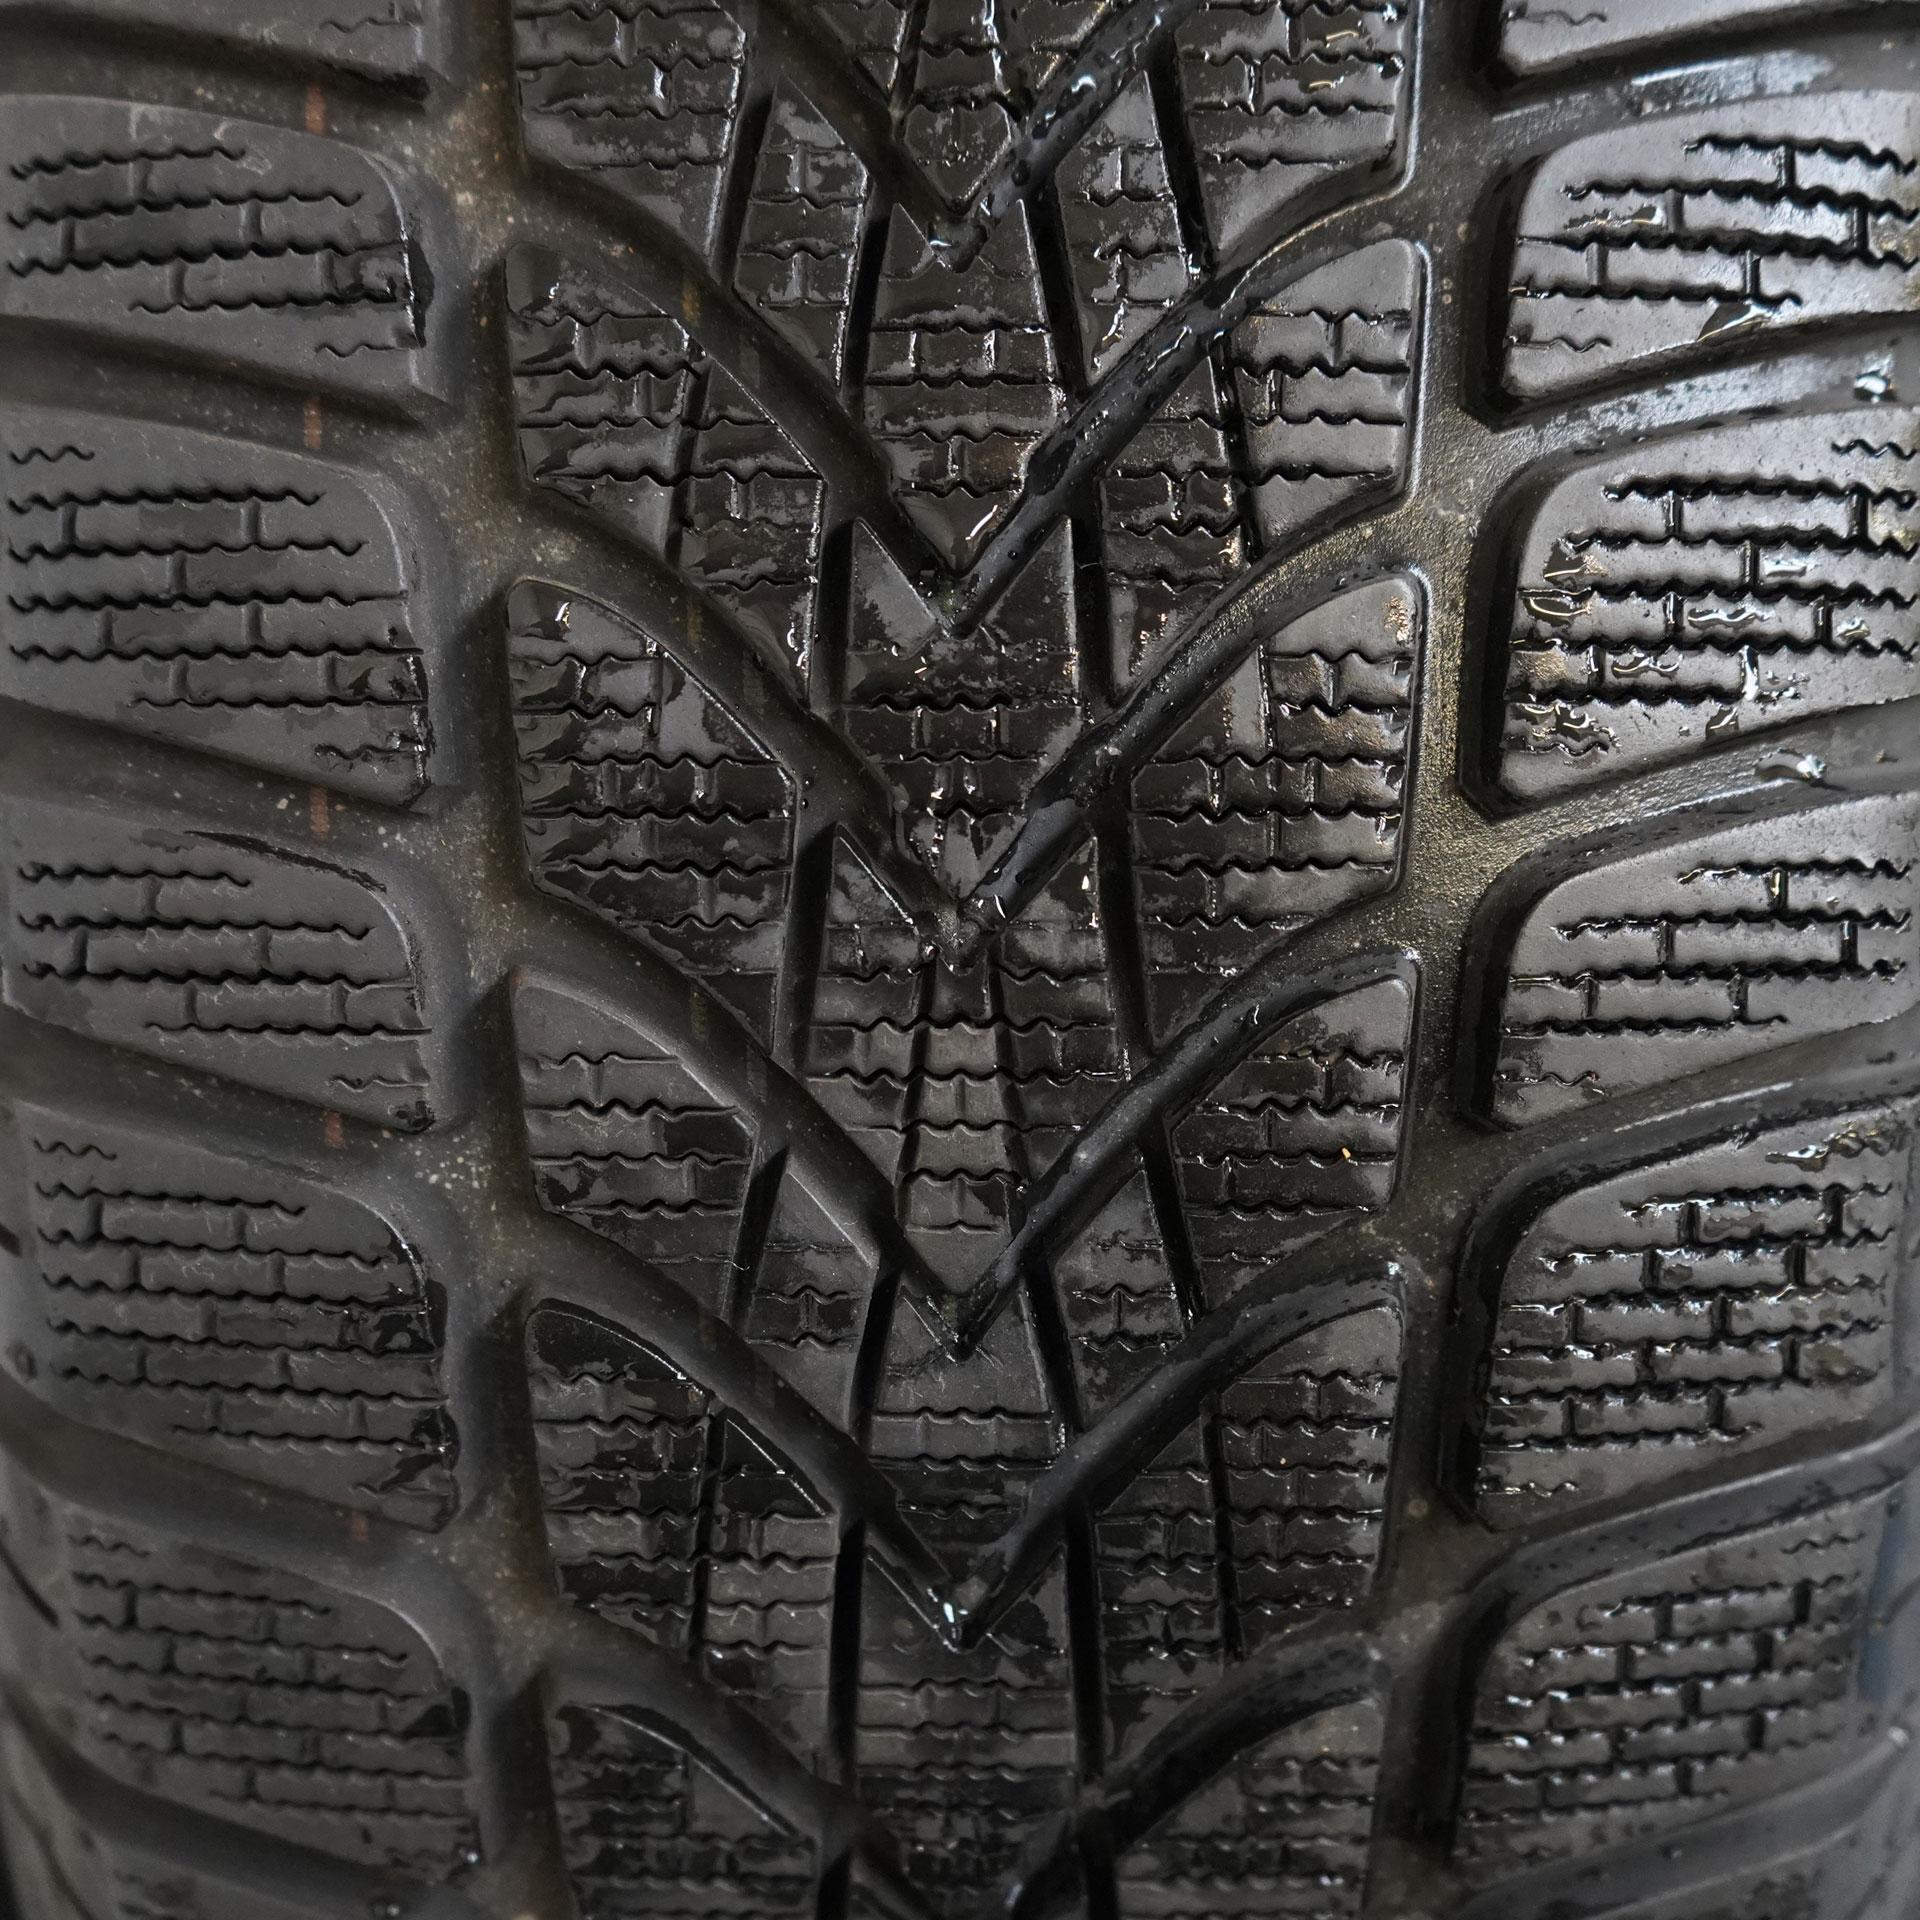 Audi A4 Gebrauchter 16 Zoll Original Audi Winterkomplettrad-Satz Dunlop